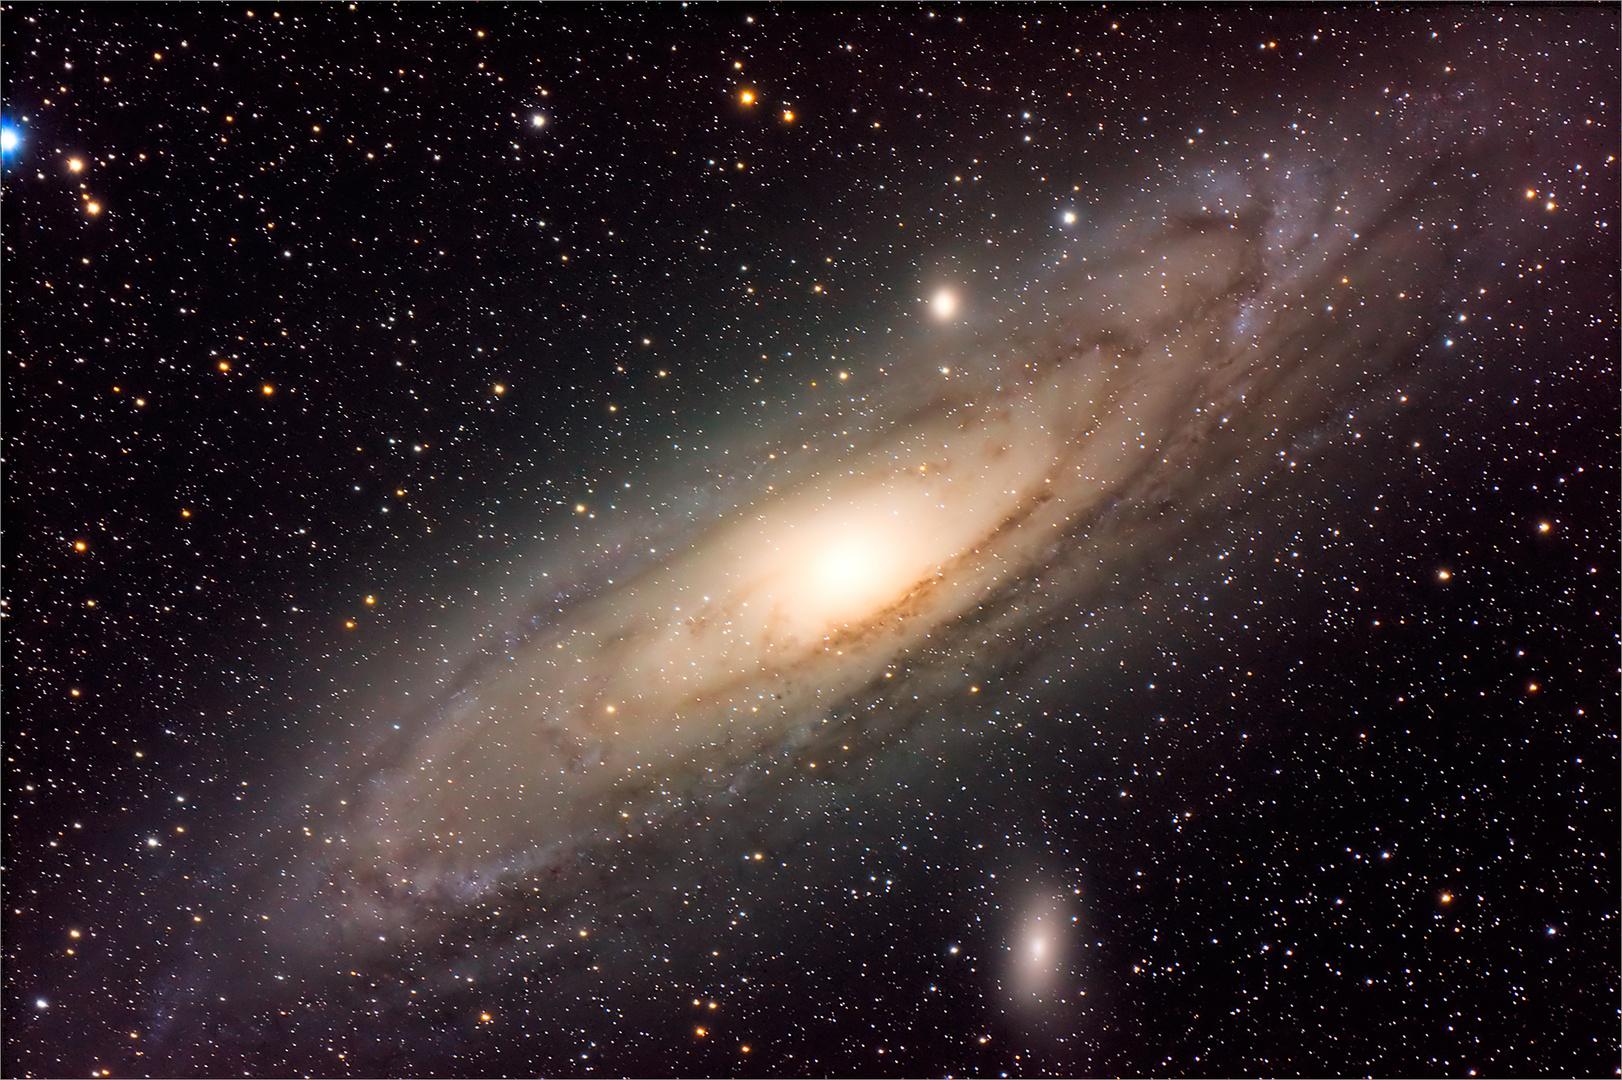 Der Weltraum, unendliche Weiten.